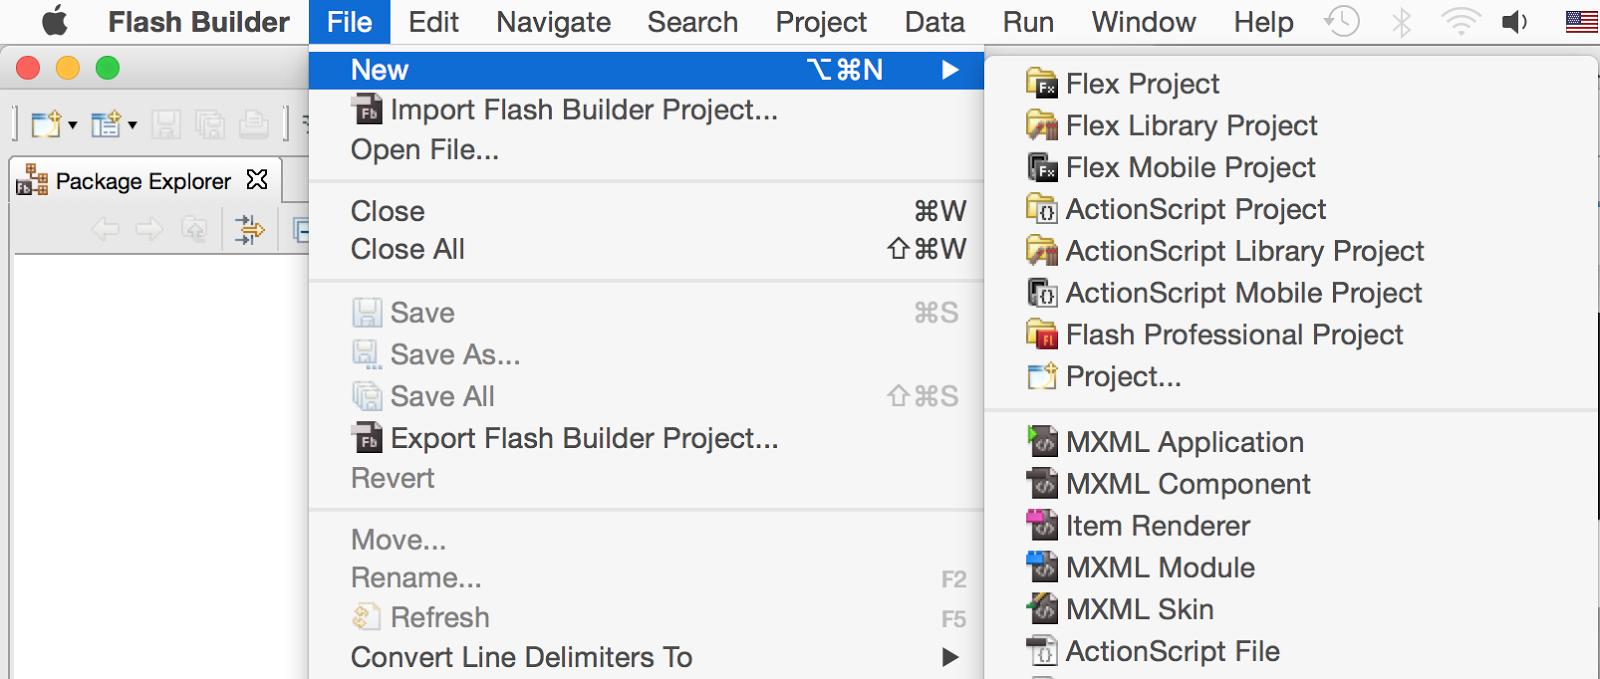 adobe flash builder 4.6 serial number crack